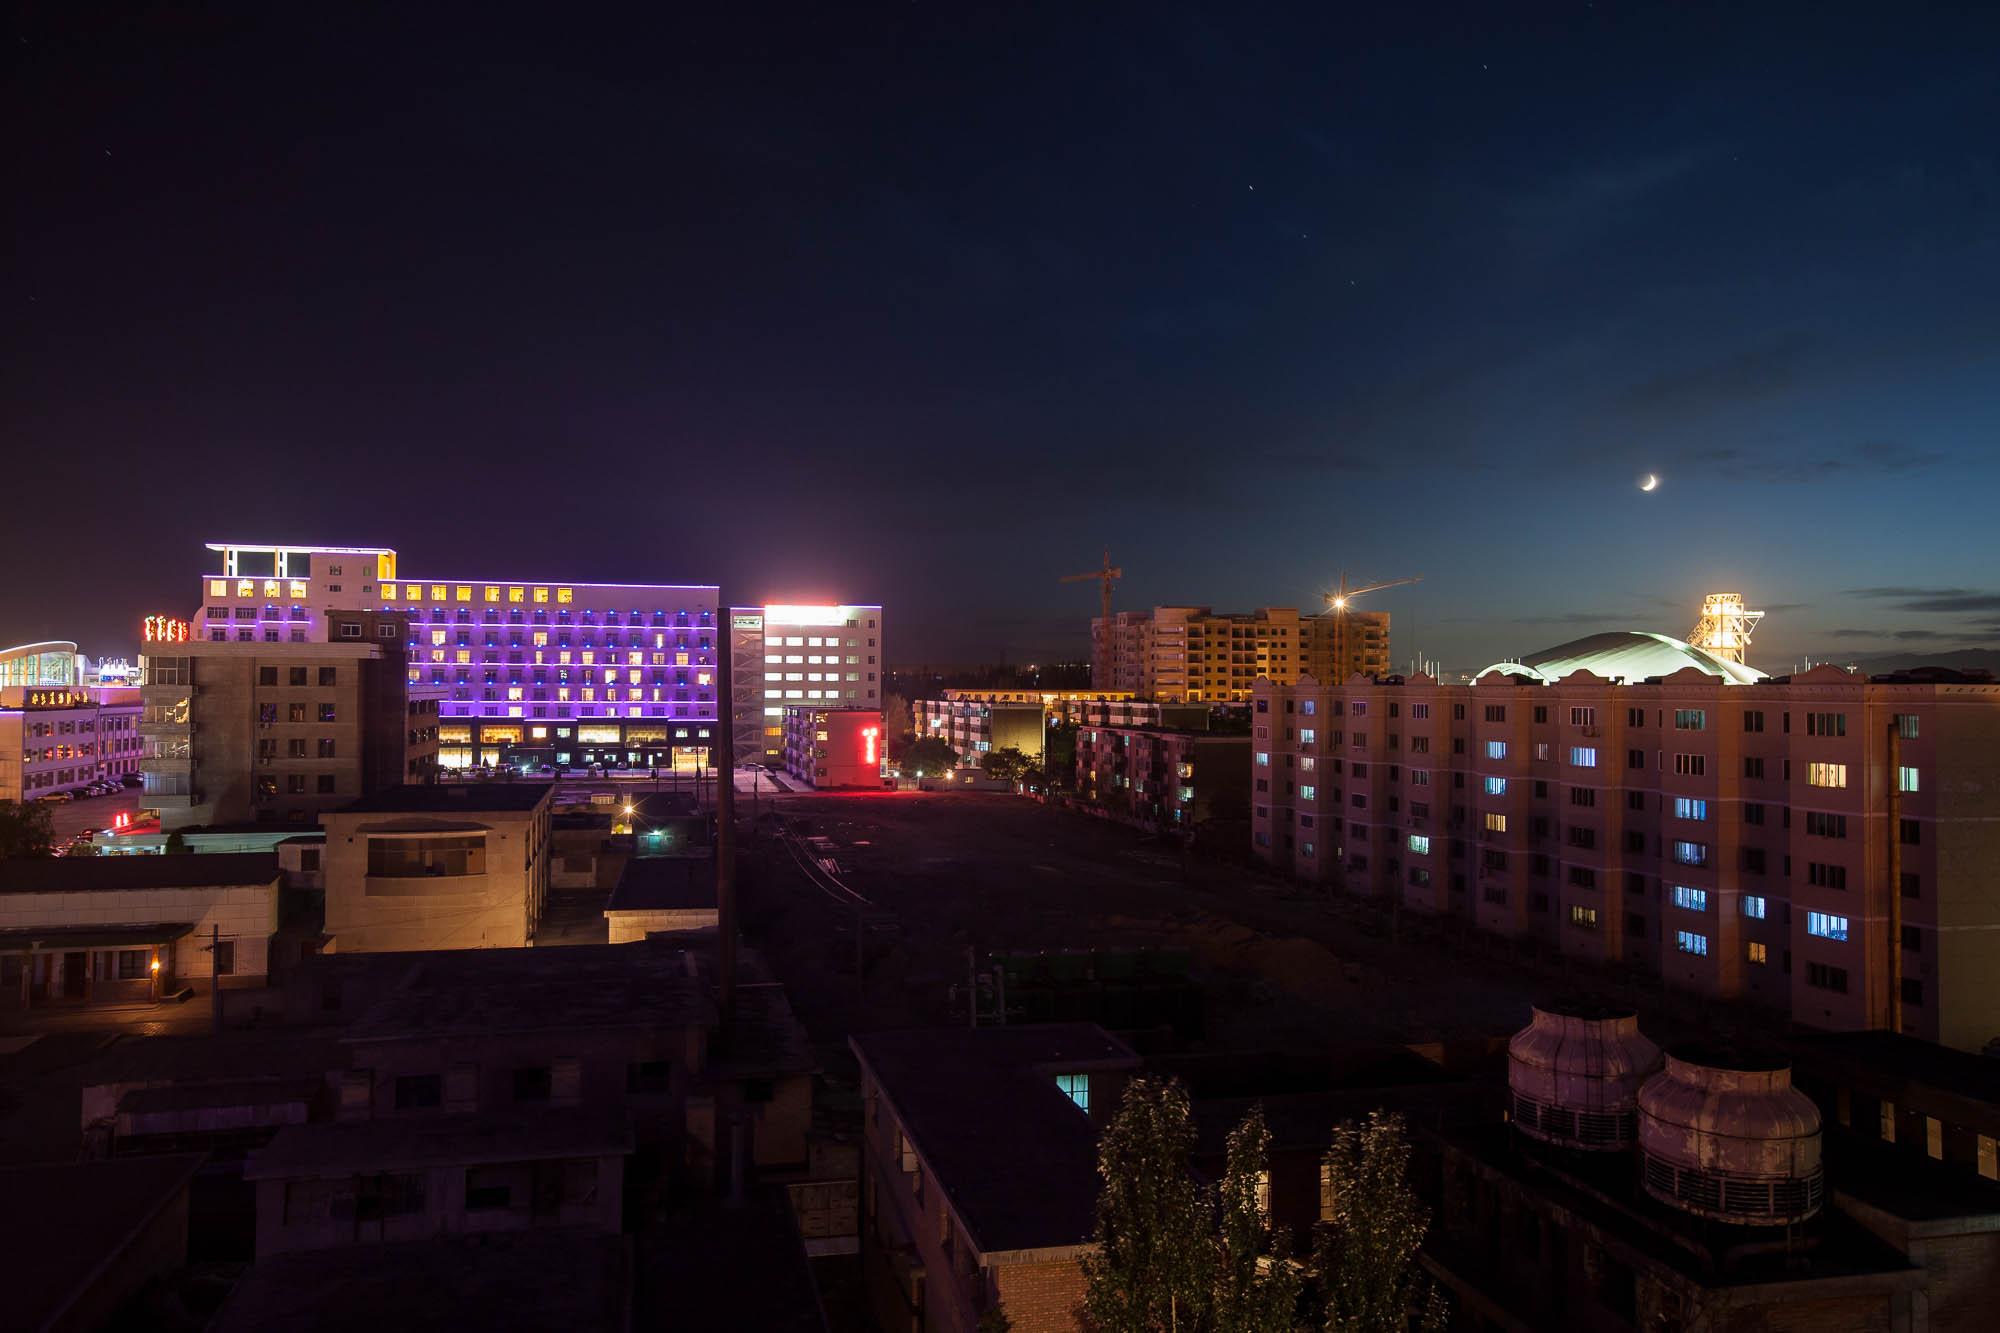 Jiayuguan at night